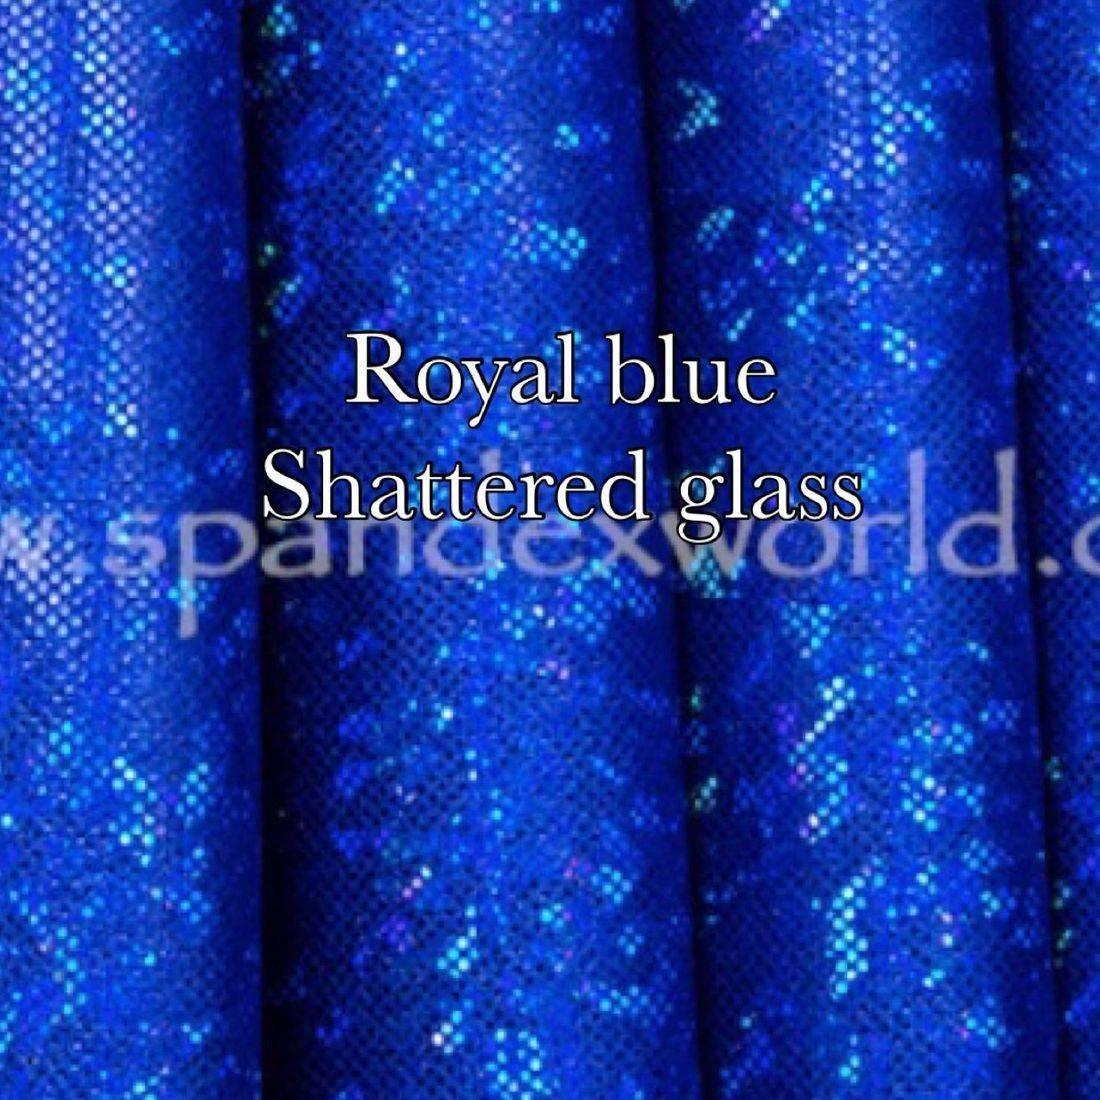 Royal shatter glass